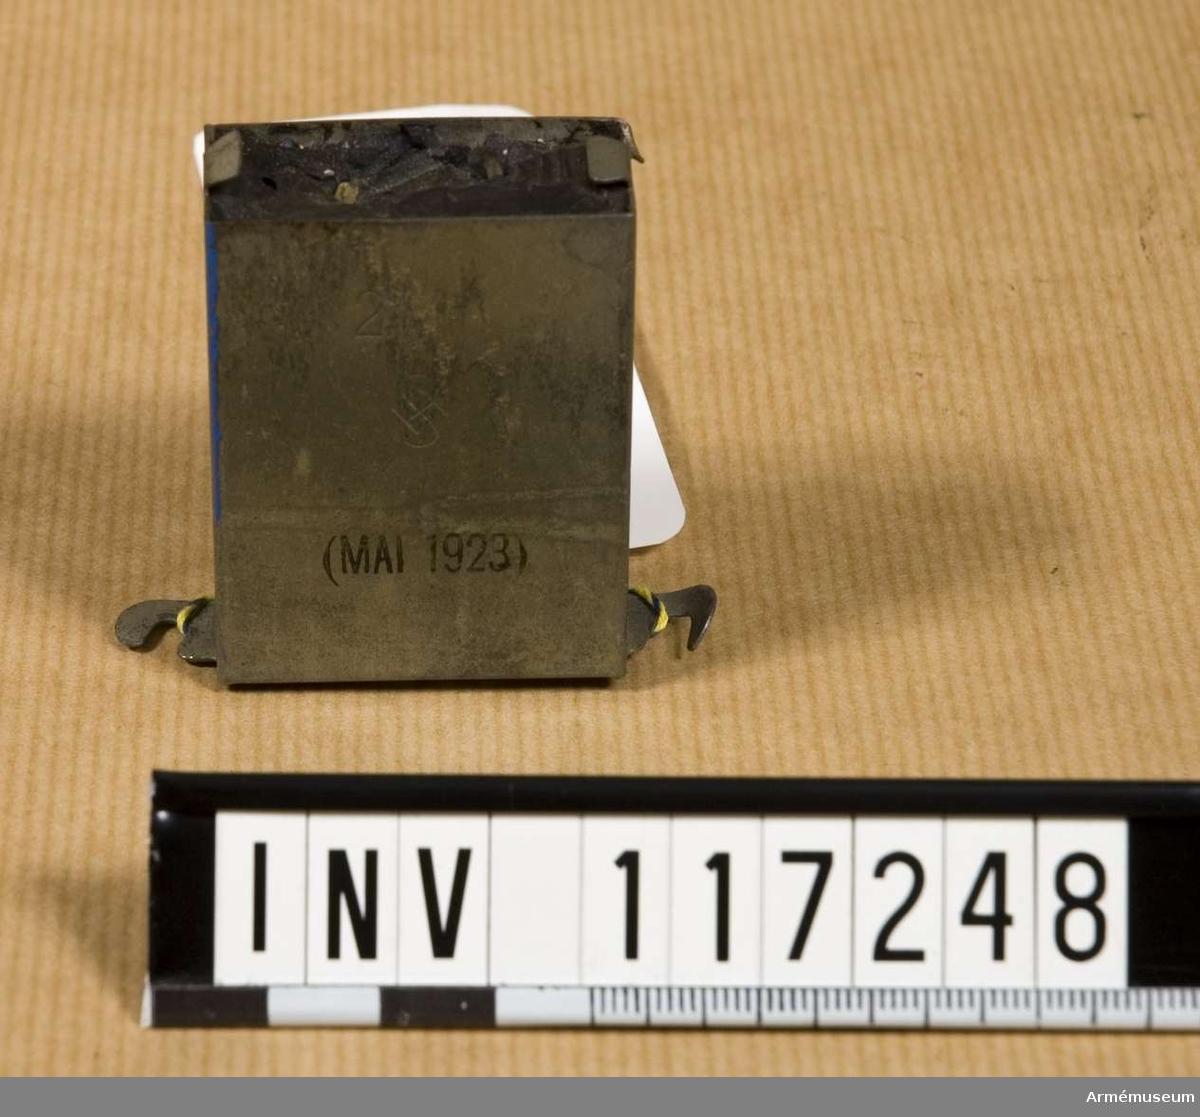 Kondensator Vkc 20,2 Mf